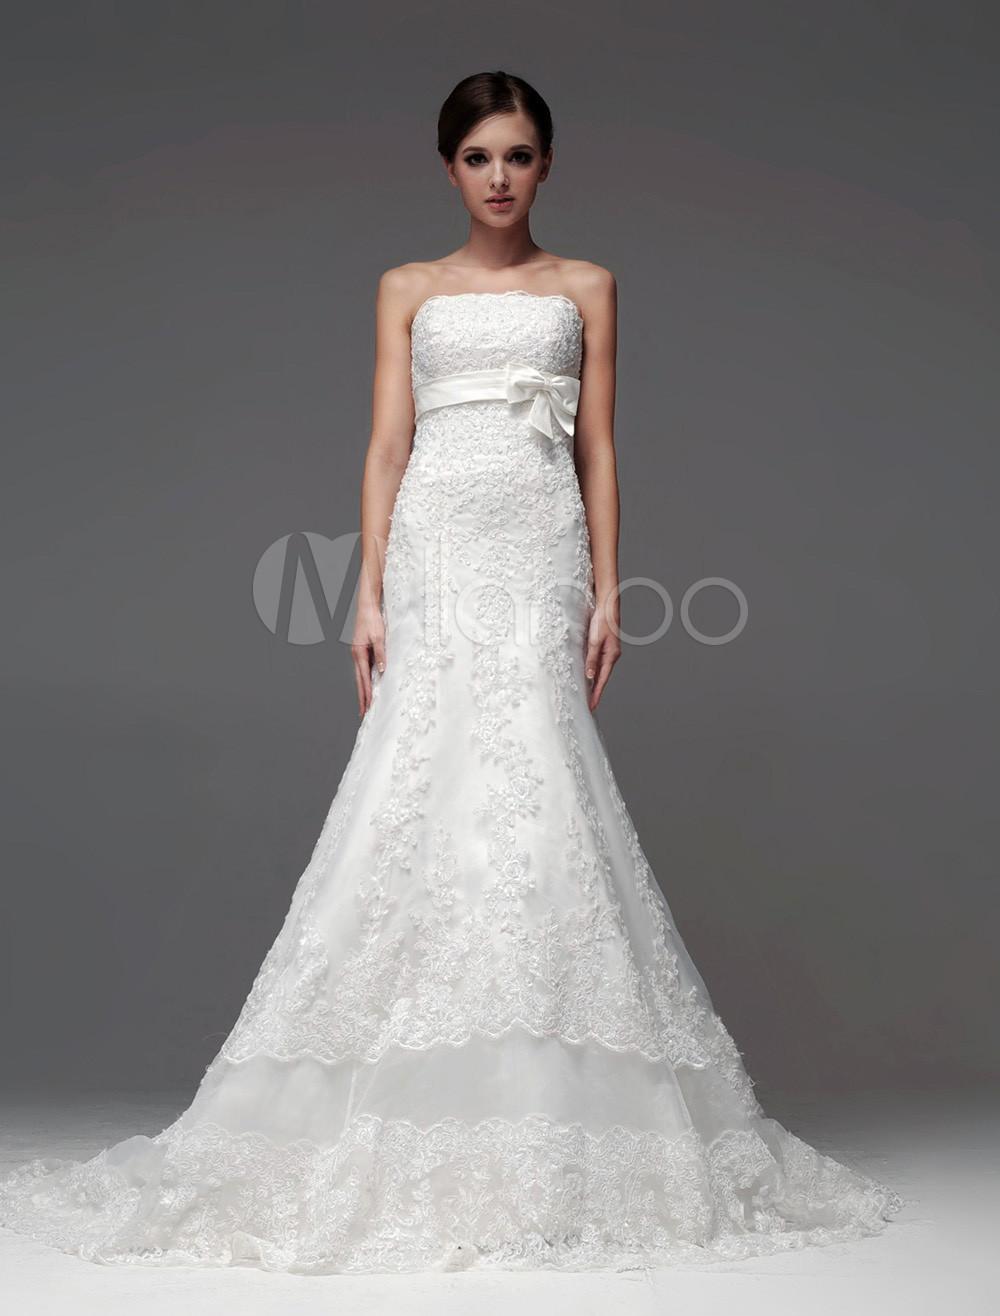 Robe de mariée fabuleuse A-ligne ivoire avec dentelle bustier ...